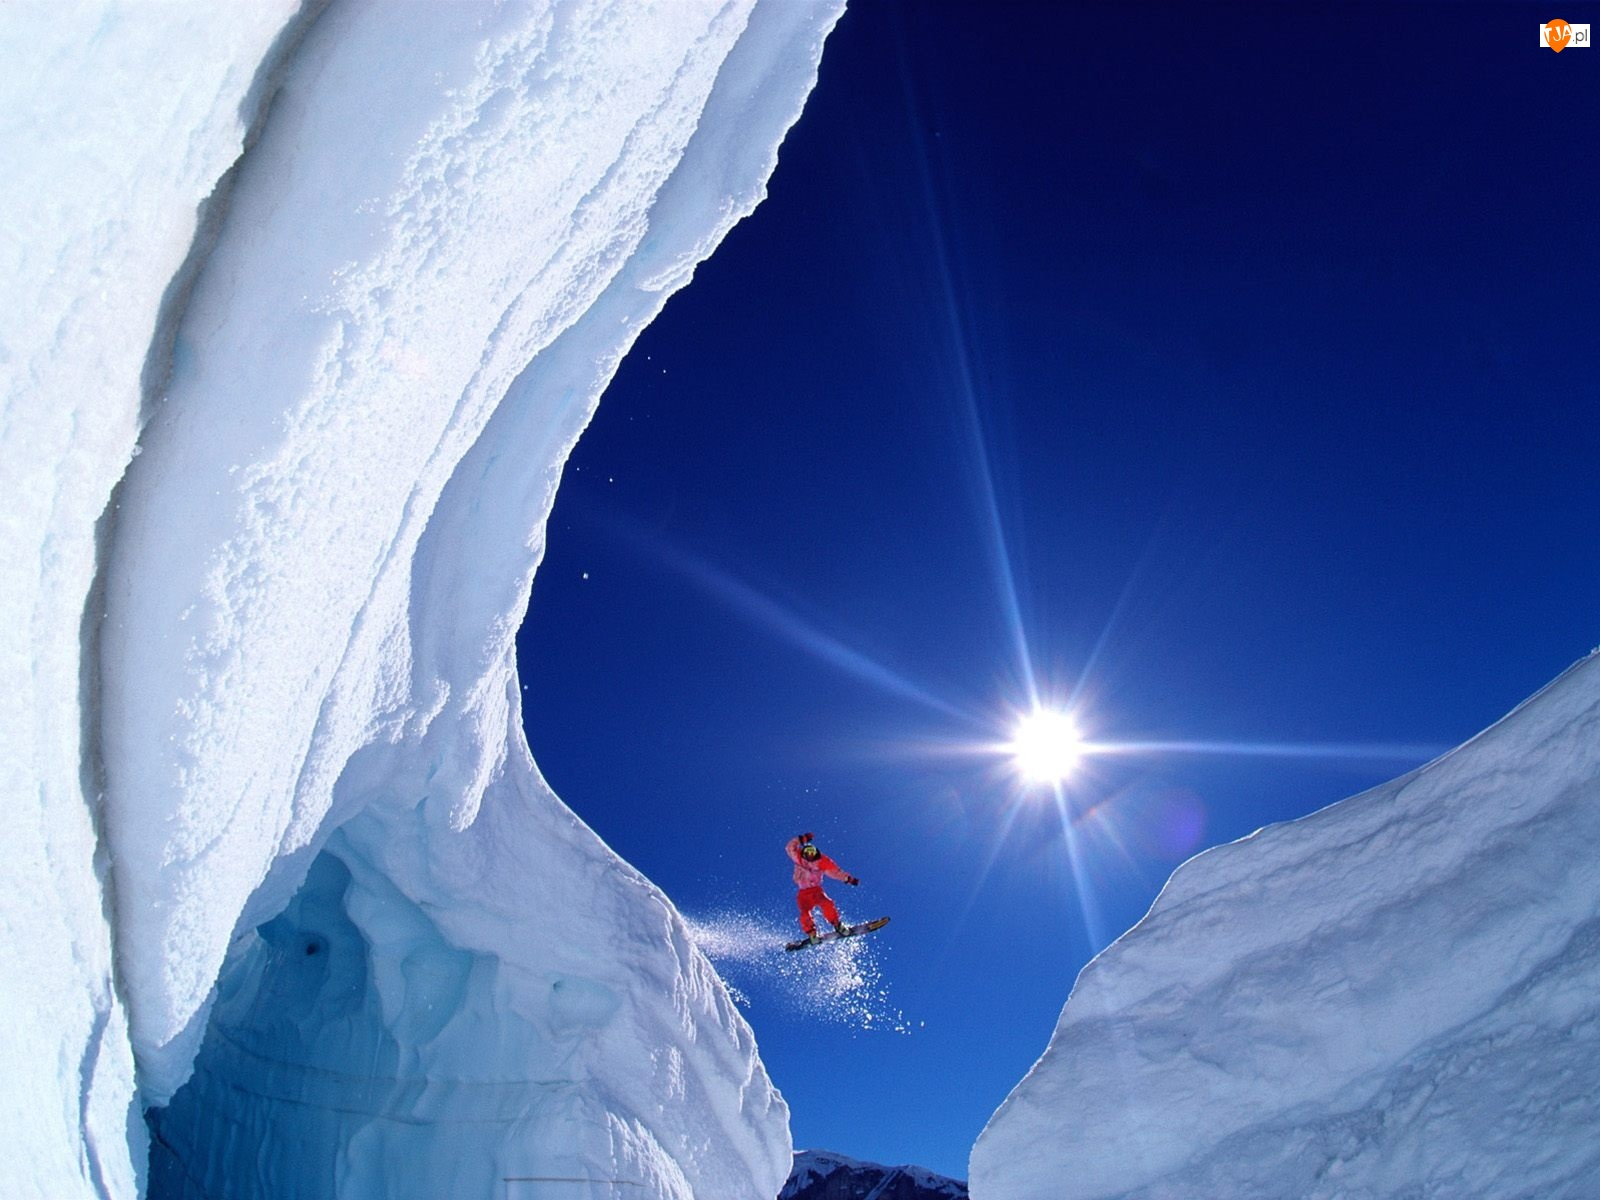 Niebo, Snowboardzista, Słońce, Góry